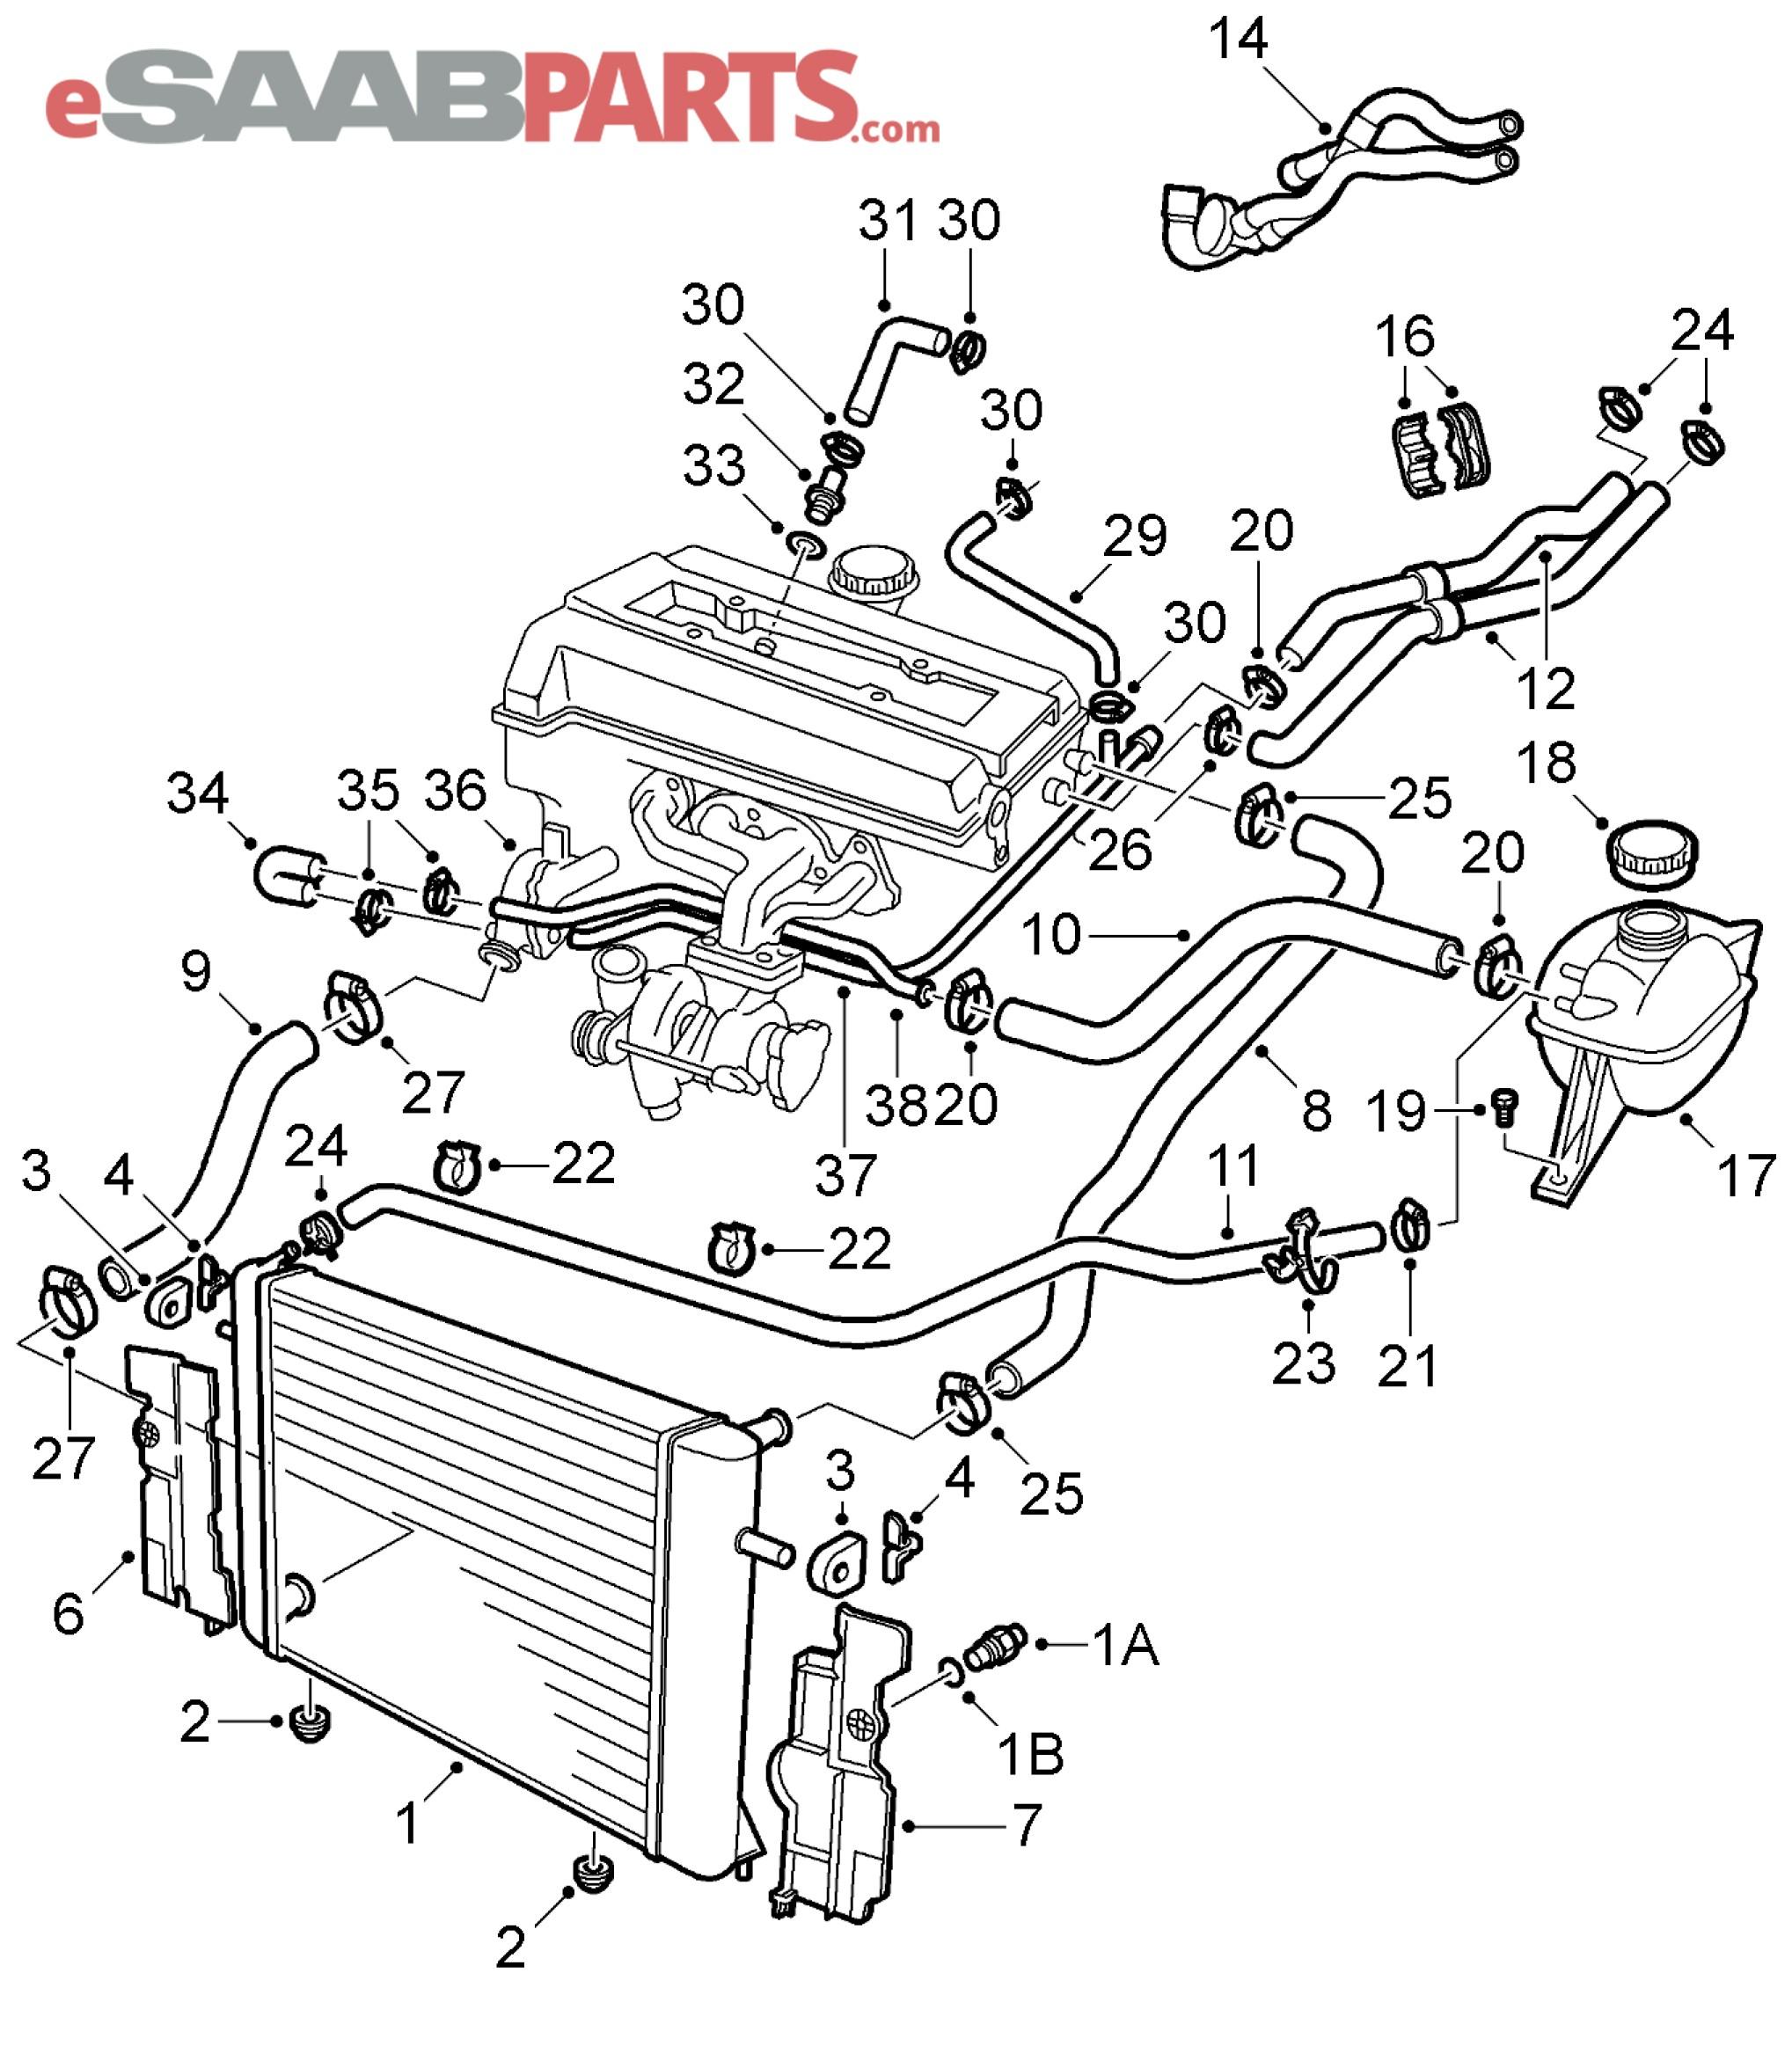 bsa c15 engine diagram saab 900 engine diagram ] saab clamp genuine saab  parts of bsa